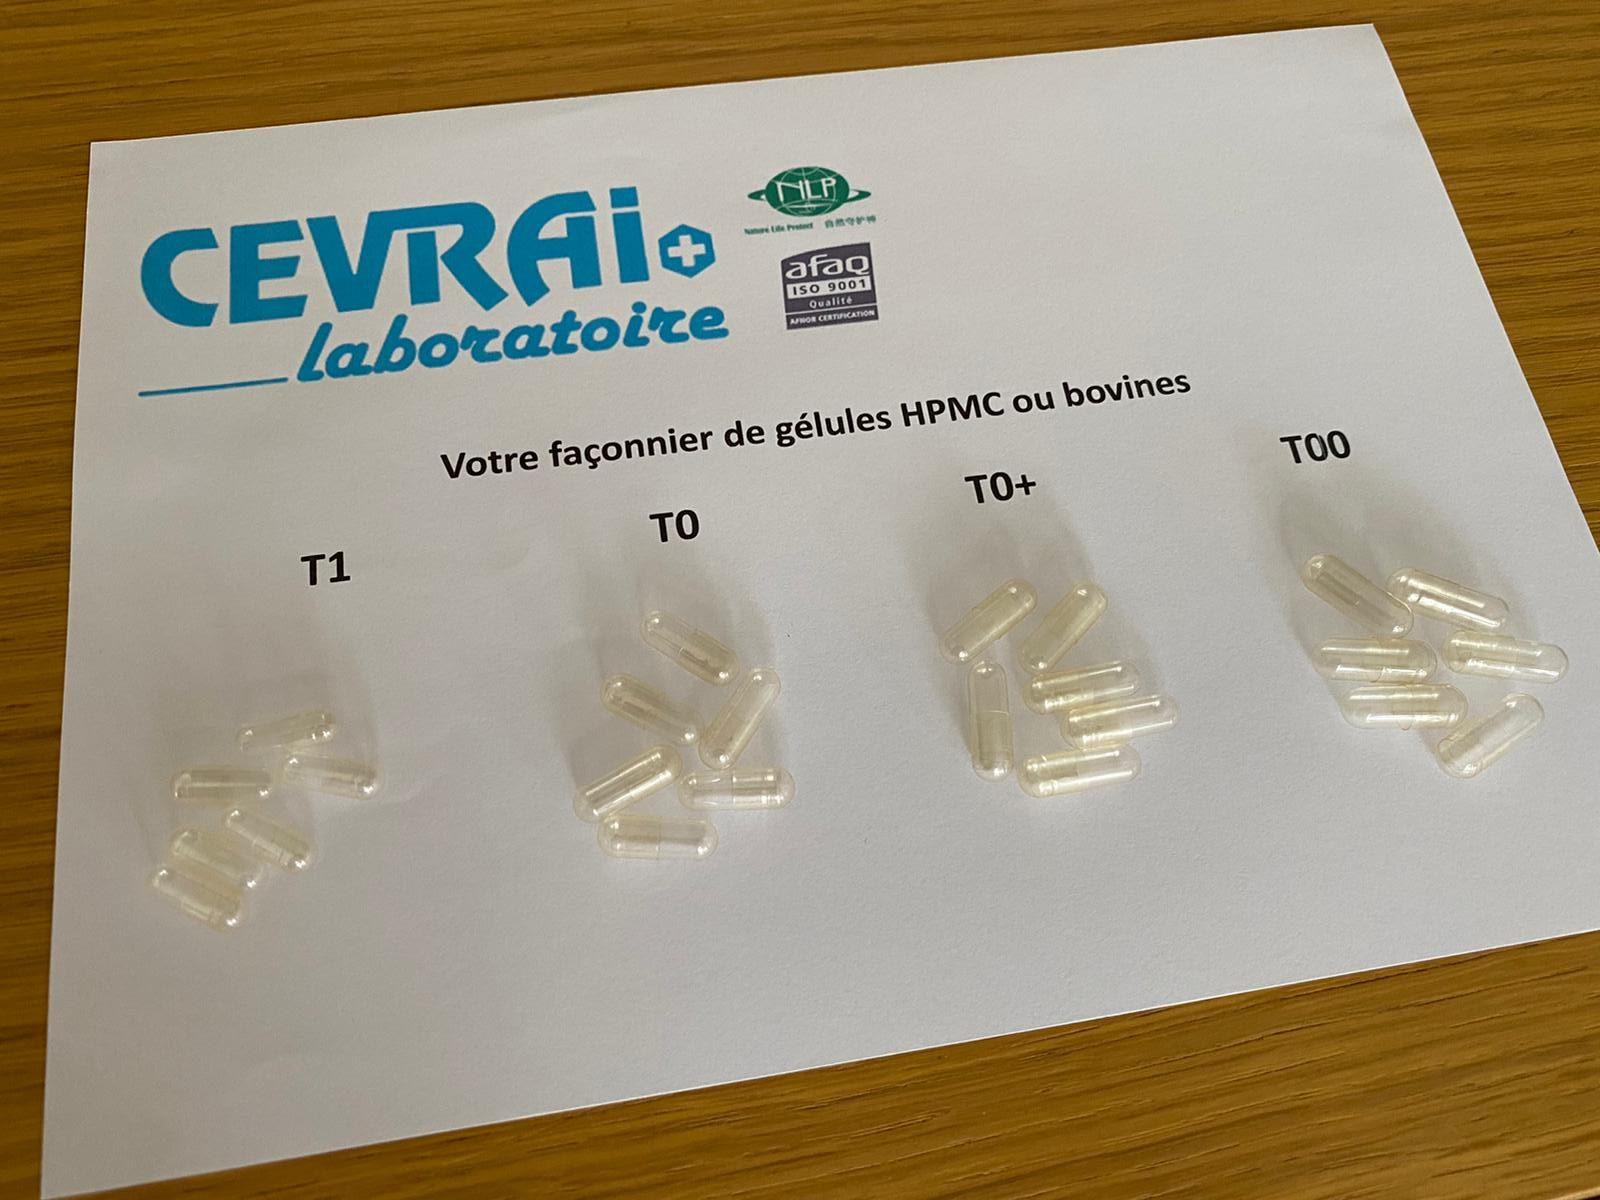 Laboratoire CEVRAI fabrication façonnage gélules blister pilulier doypack HPMC bovine